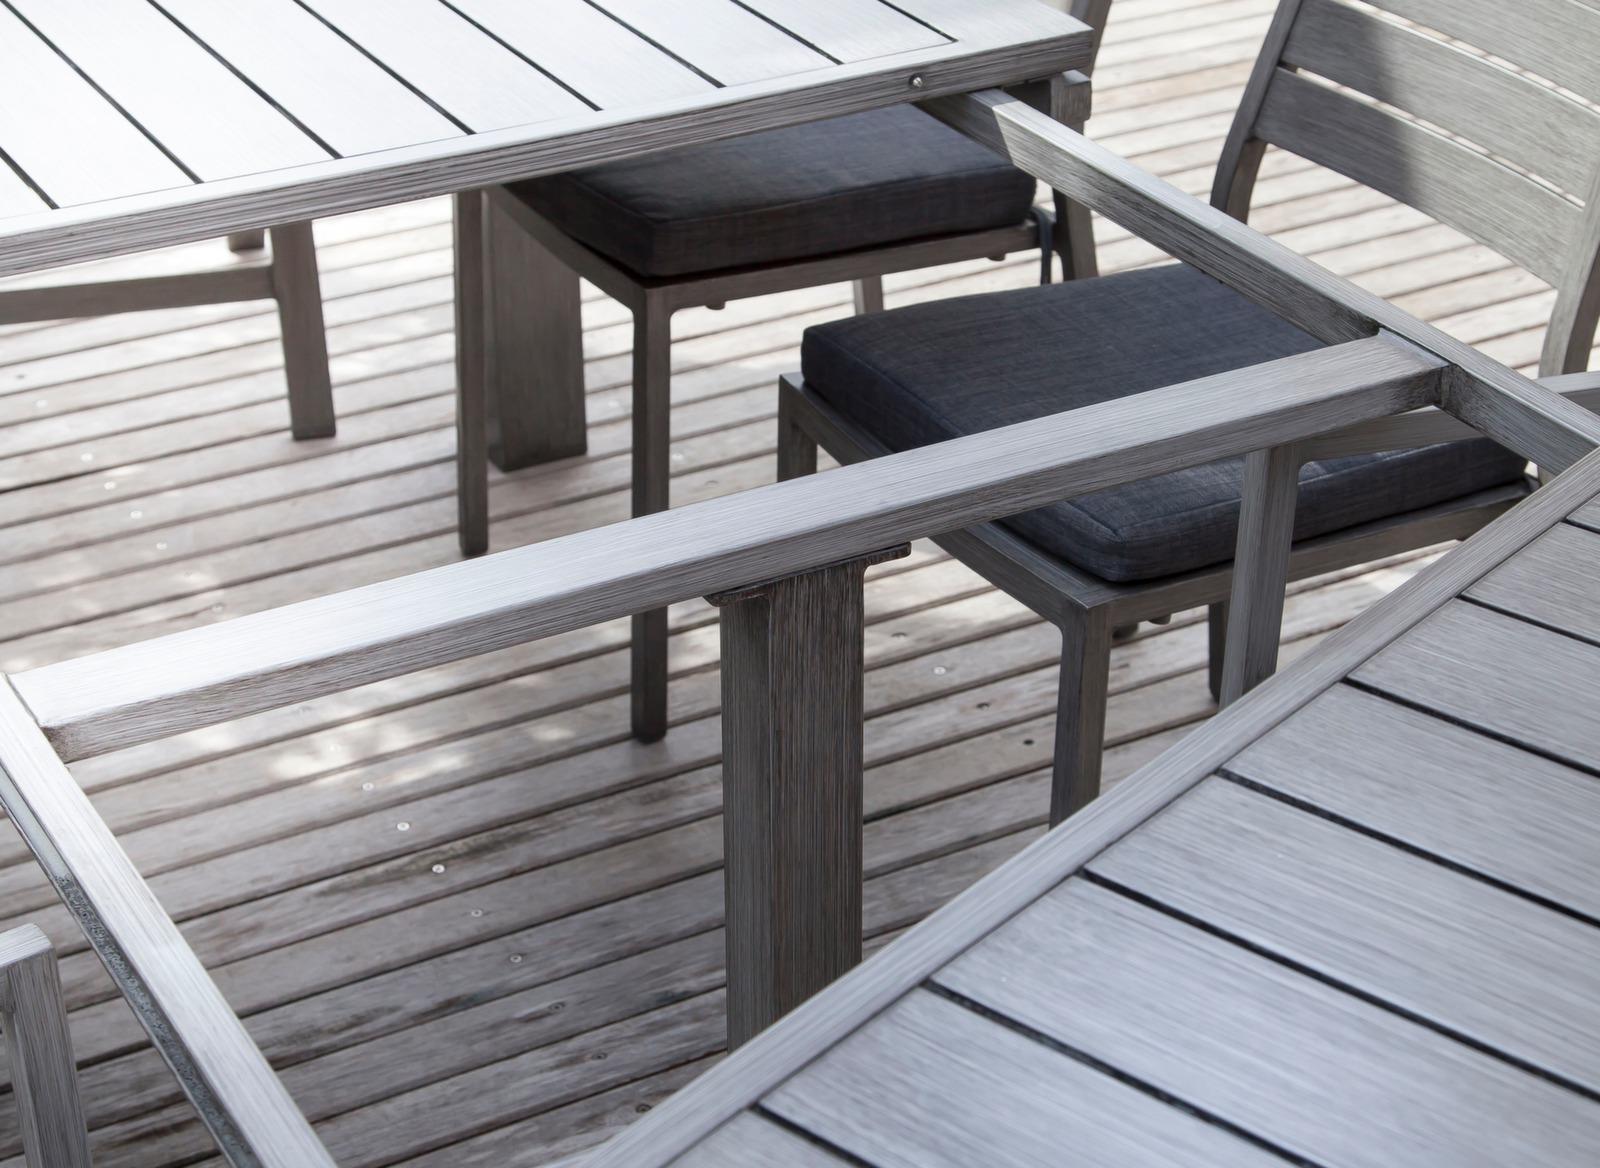 Best Table Jardin Aluminium Ice Images - Nettizen.us - nettizen.us